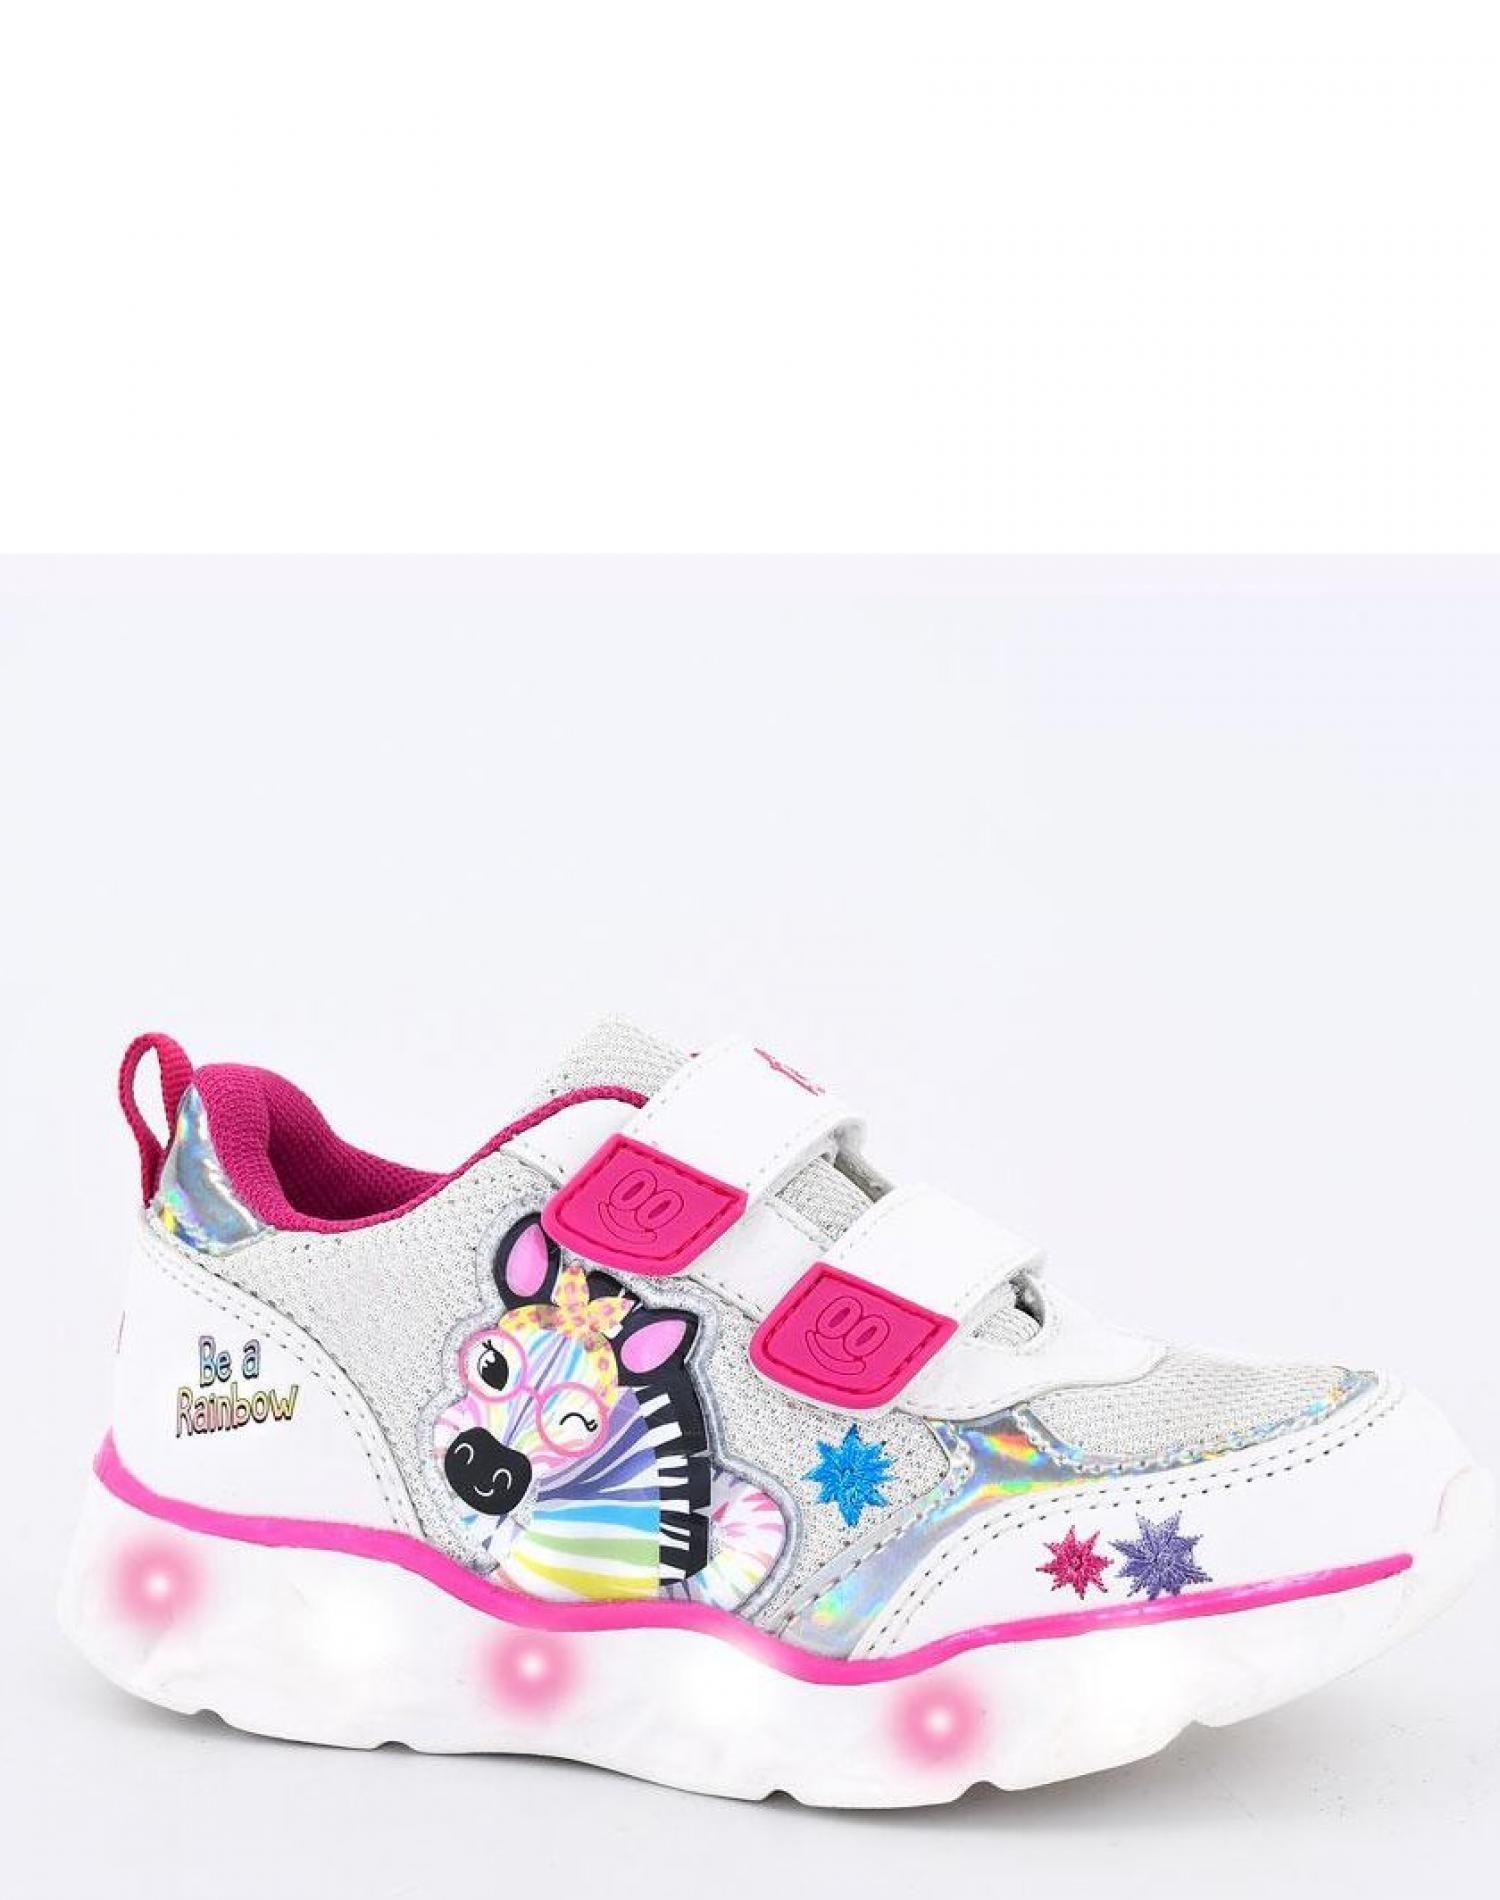 Zapatilla Blanca Footy Zebra Glitter Con Luces Funny Store